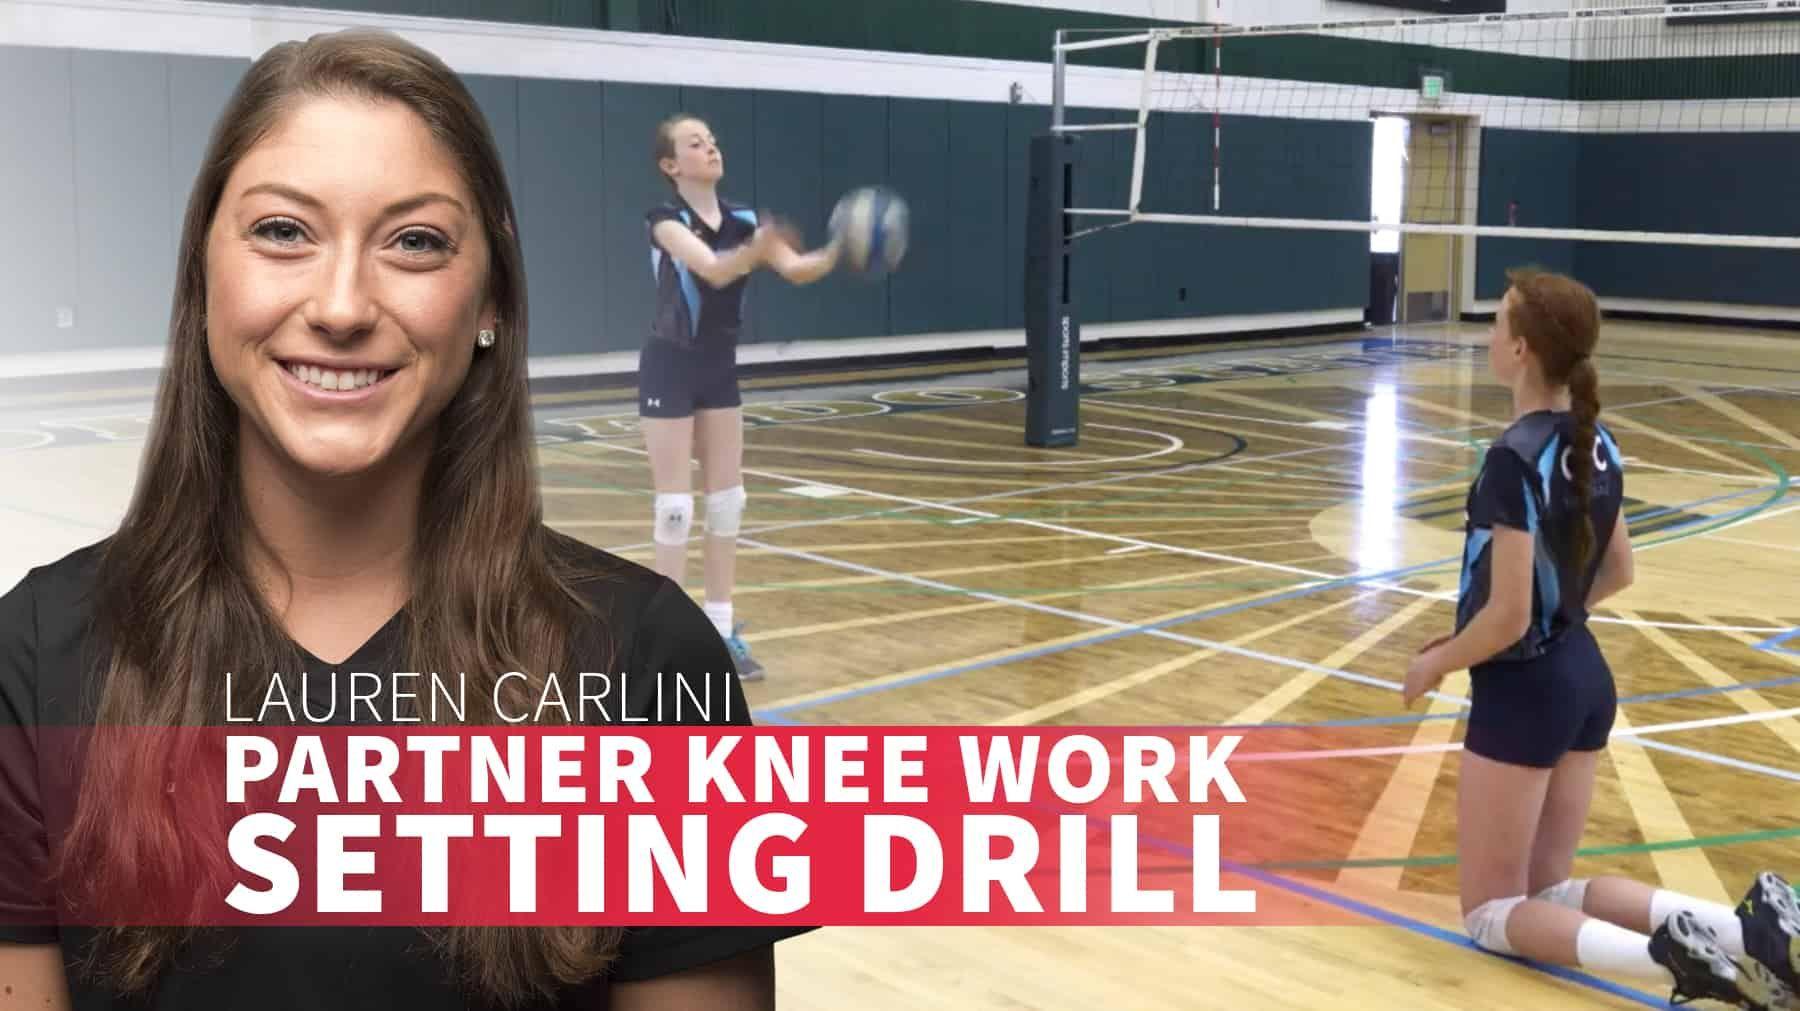 Partner Knee Work Setting Drill The Art Of Coaching Volleyball Coaching Volleyball Drill Usa National Team